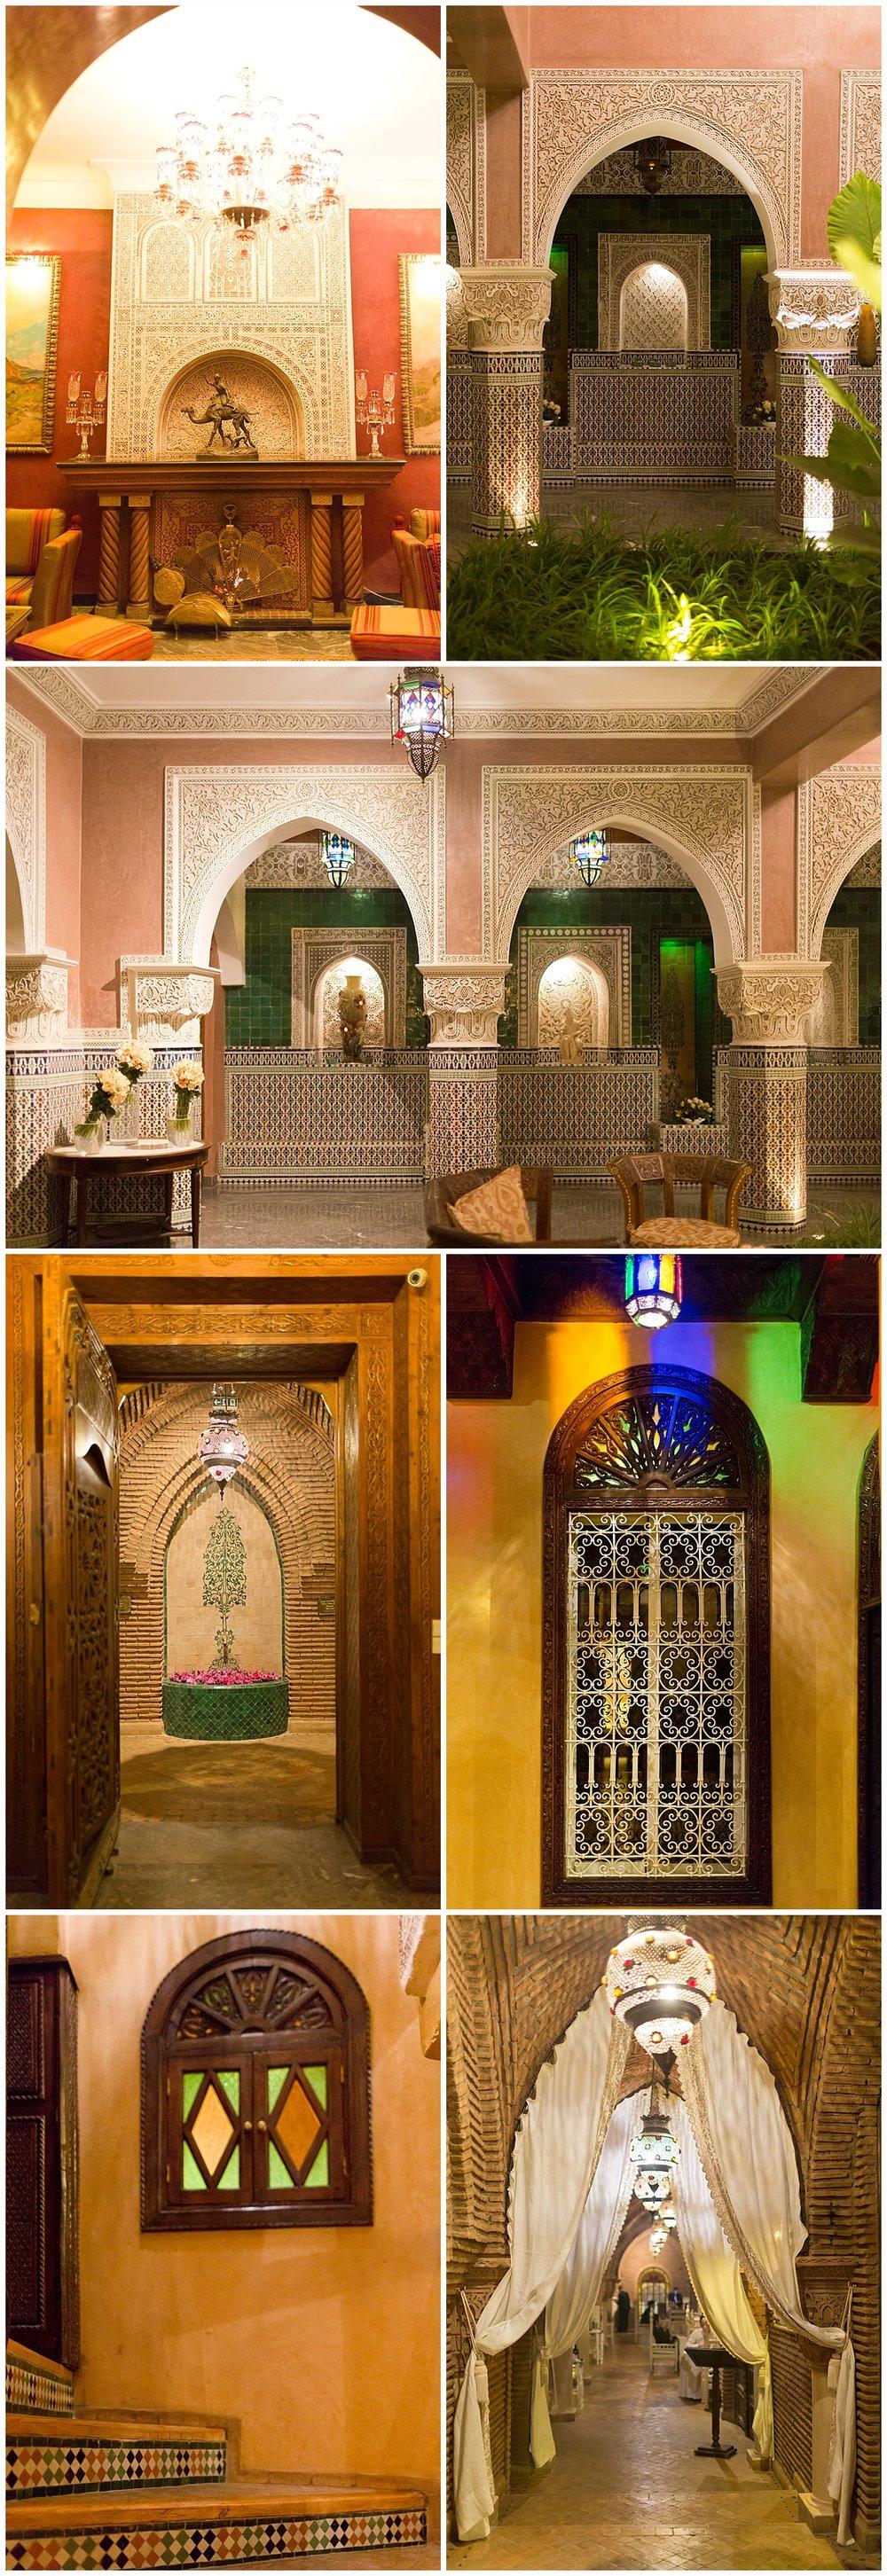 La Sultana spa and hotel in Marrakech, Morocco